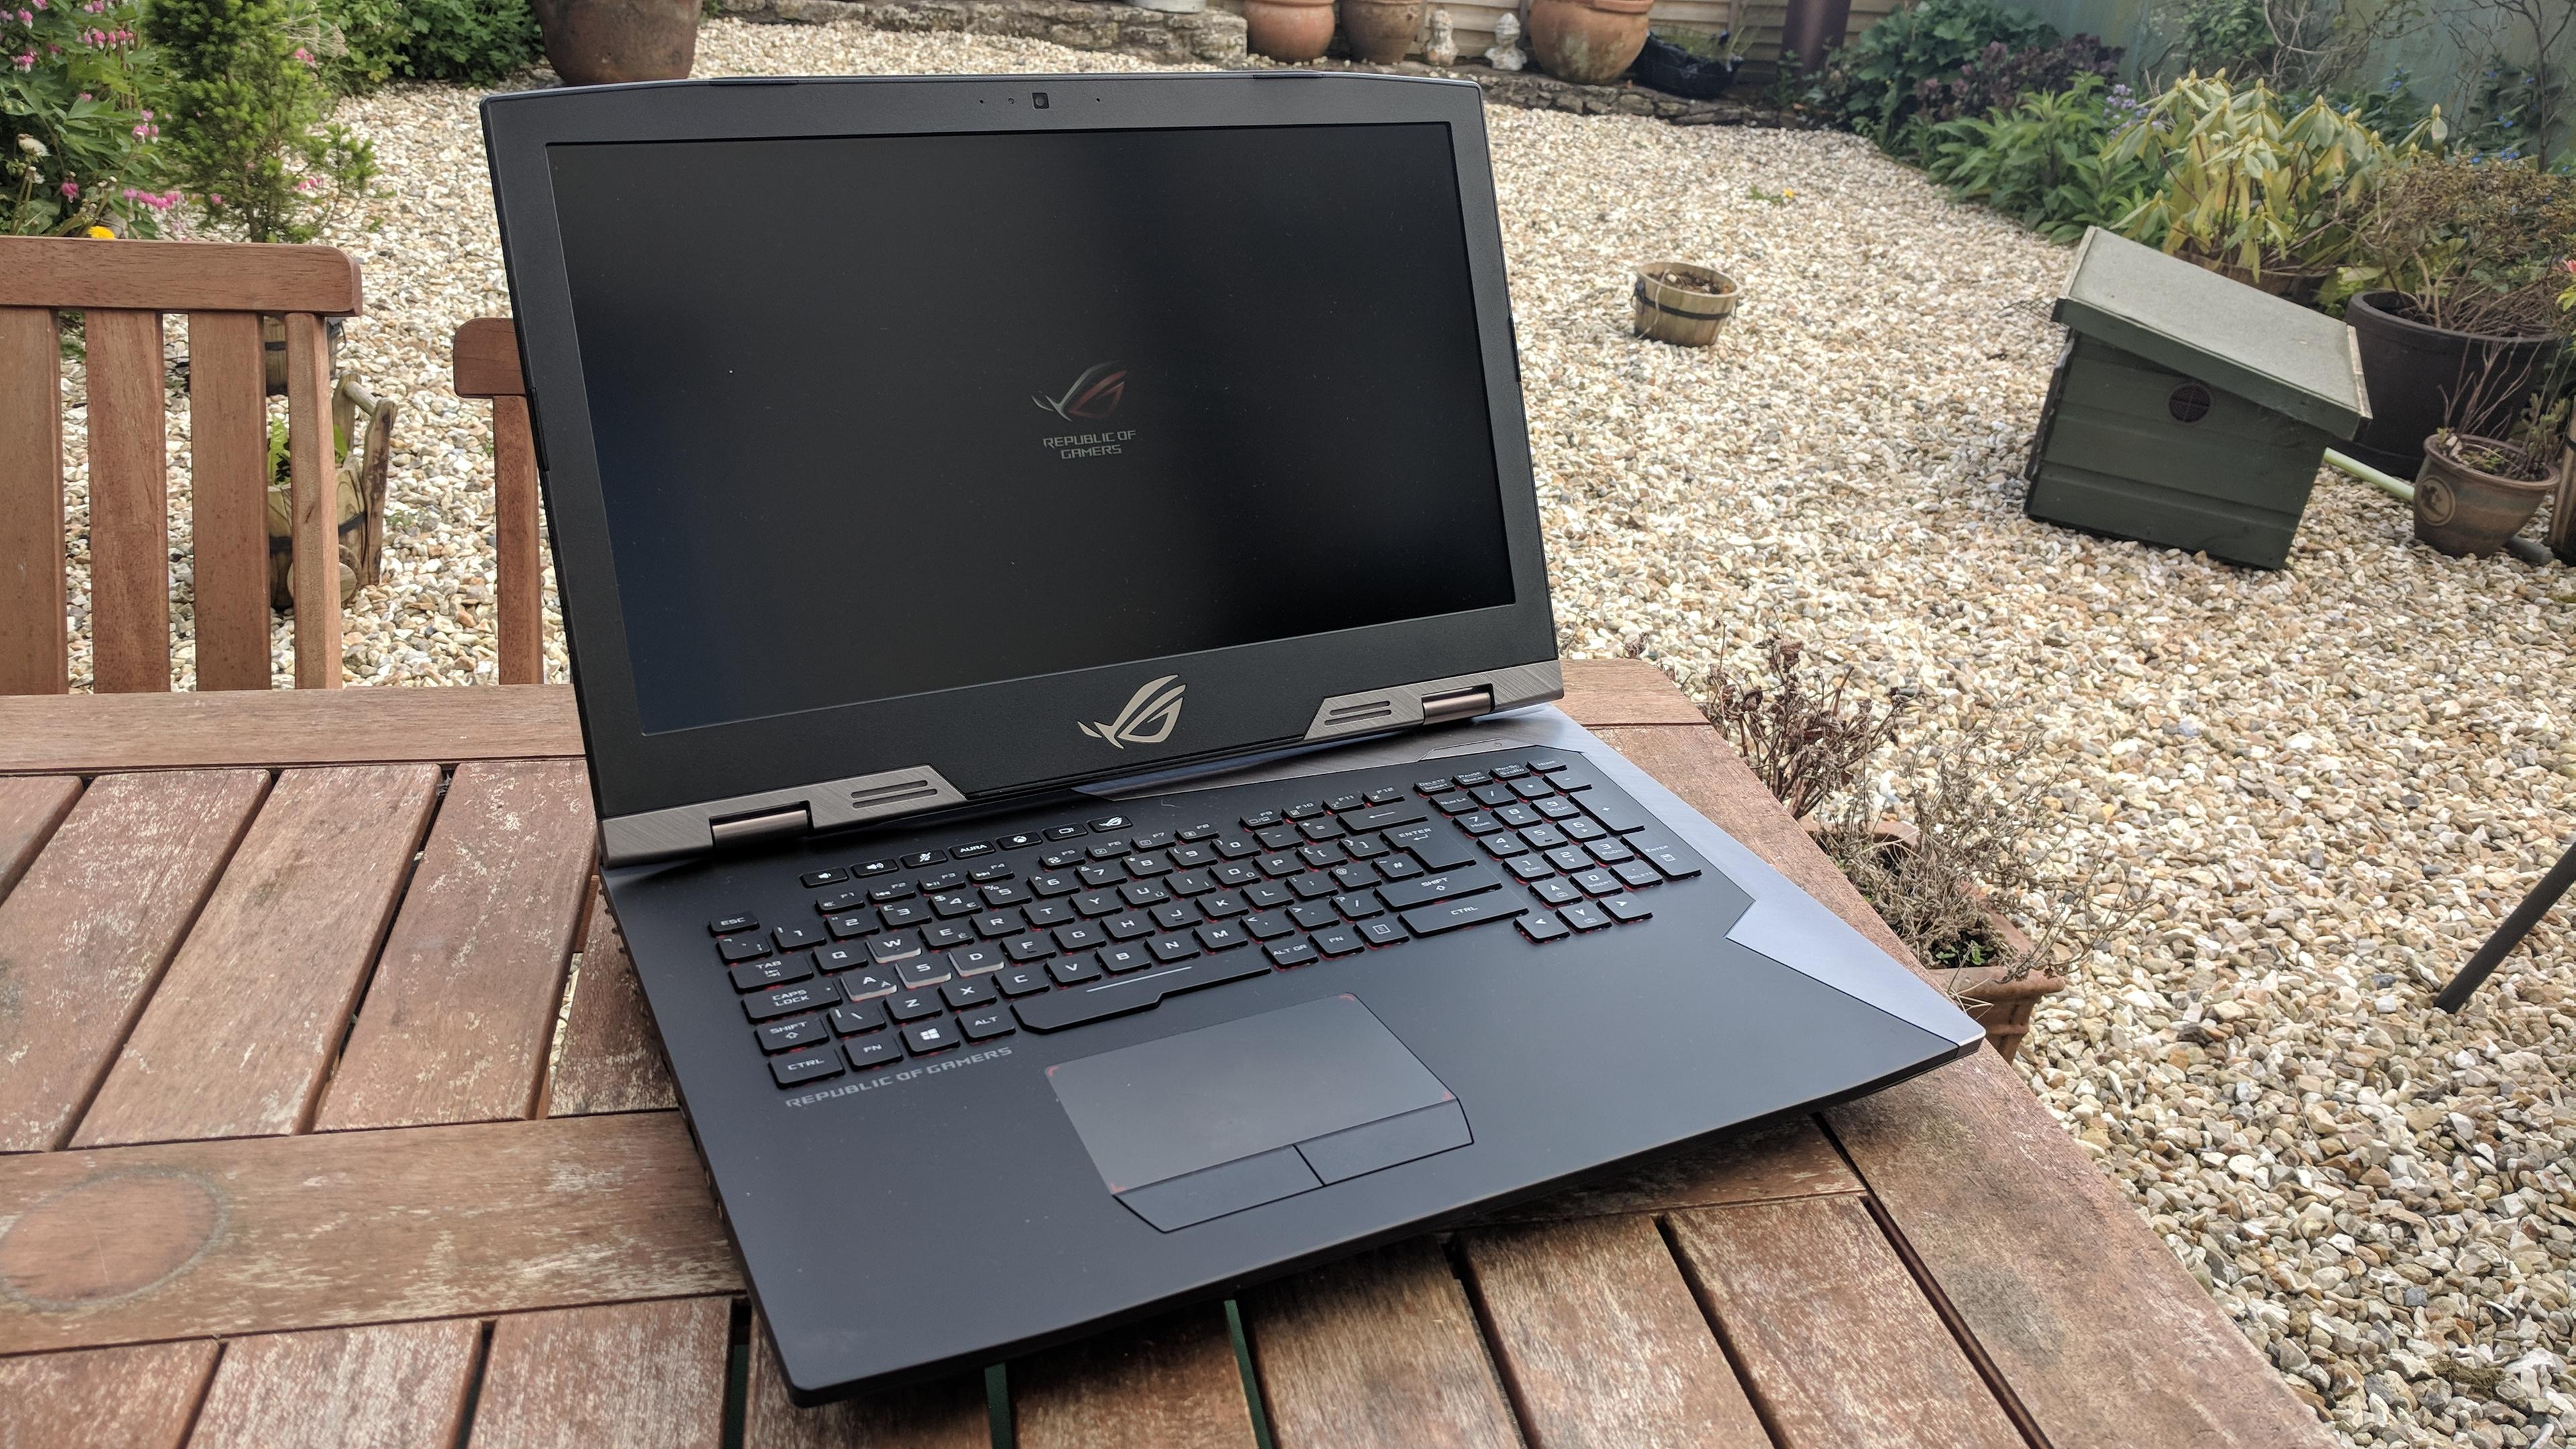 Best Gaming Laptop 2019